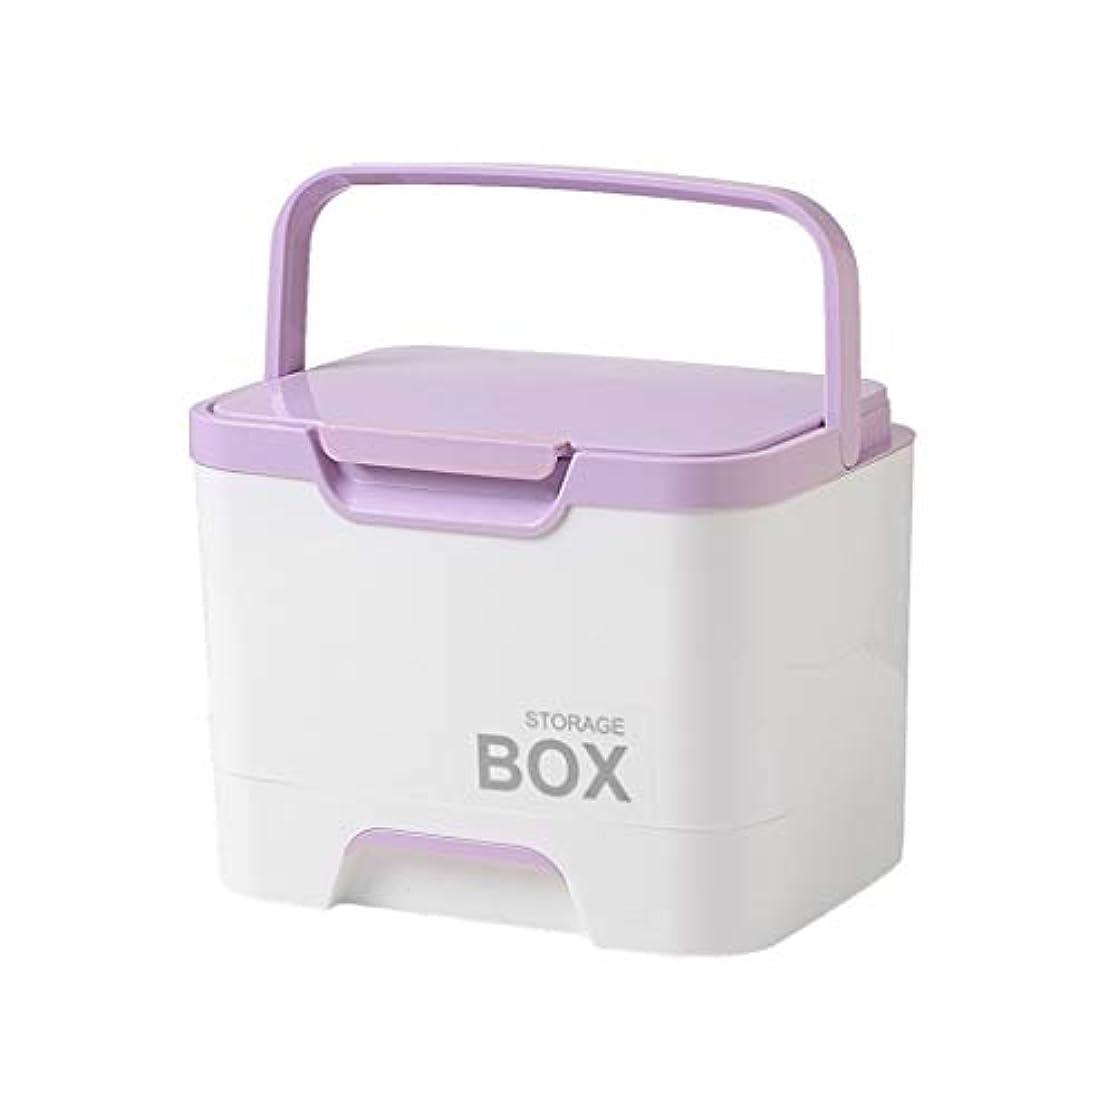 薬箱多機能大型ポータブル家庭用薬収納応急処置キット階層化デザイン使いやすい4色 SYFO (Color : Purple)